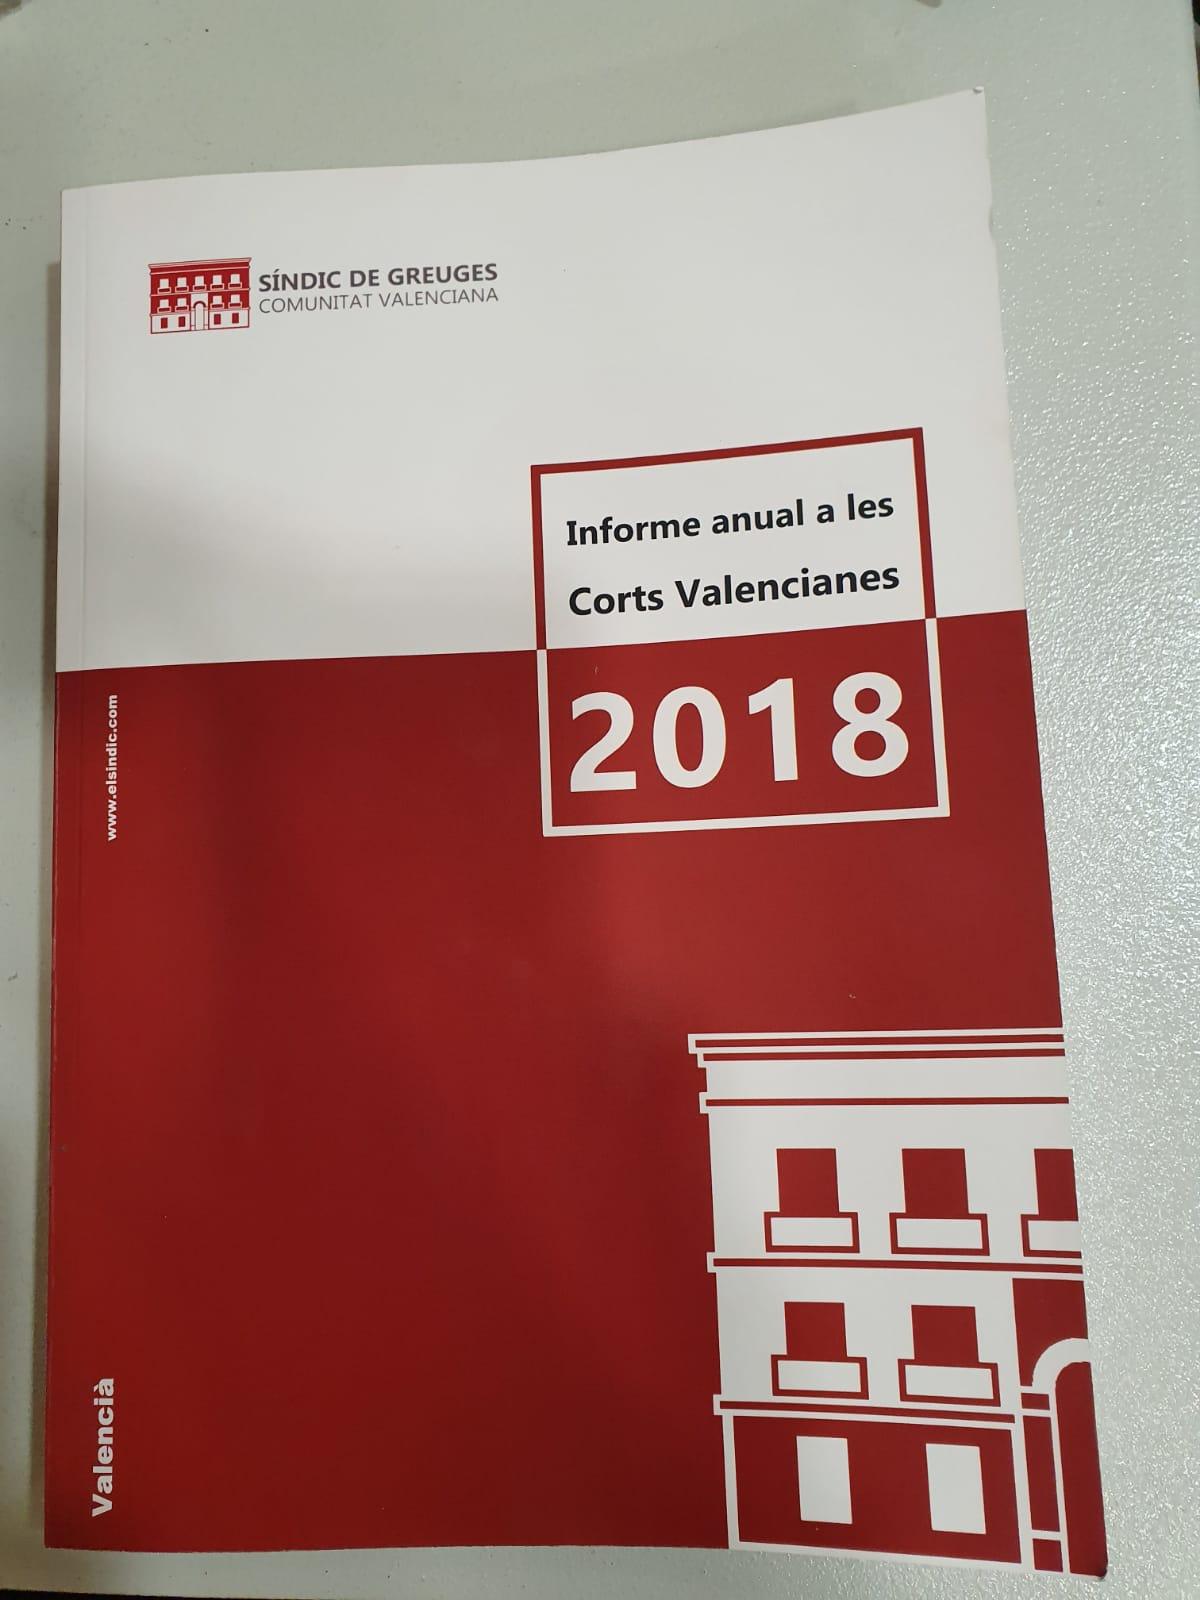 El Síndic de Greuges ha lliurat l'Informe anual de 2018 a les Corts